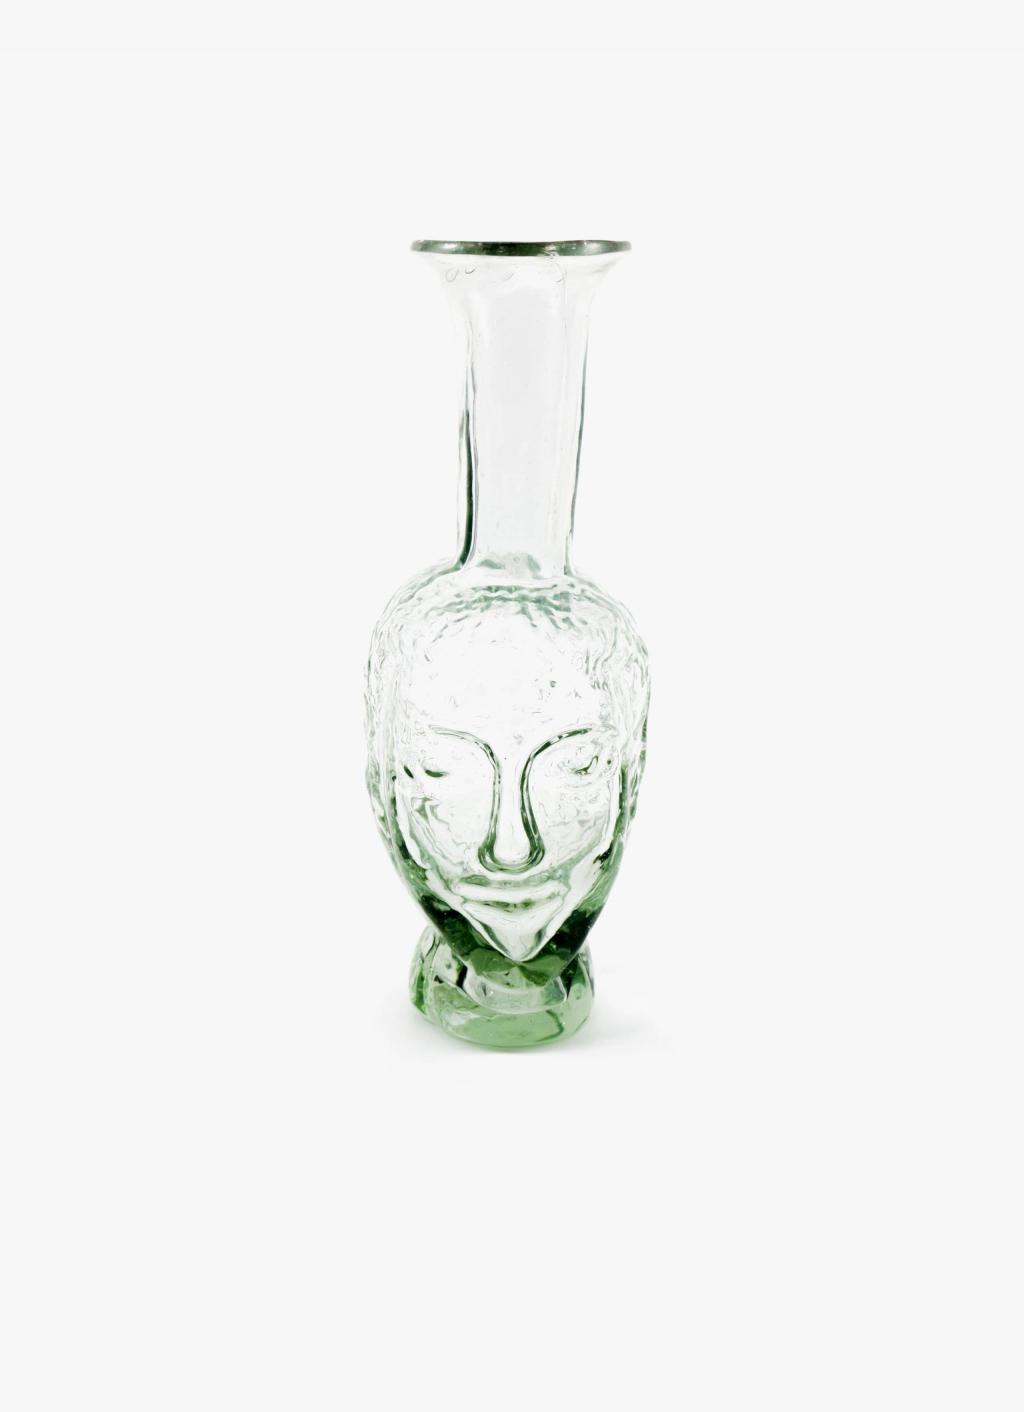 La Soufflerie - Facets - Side One - Tete - Vase